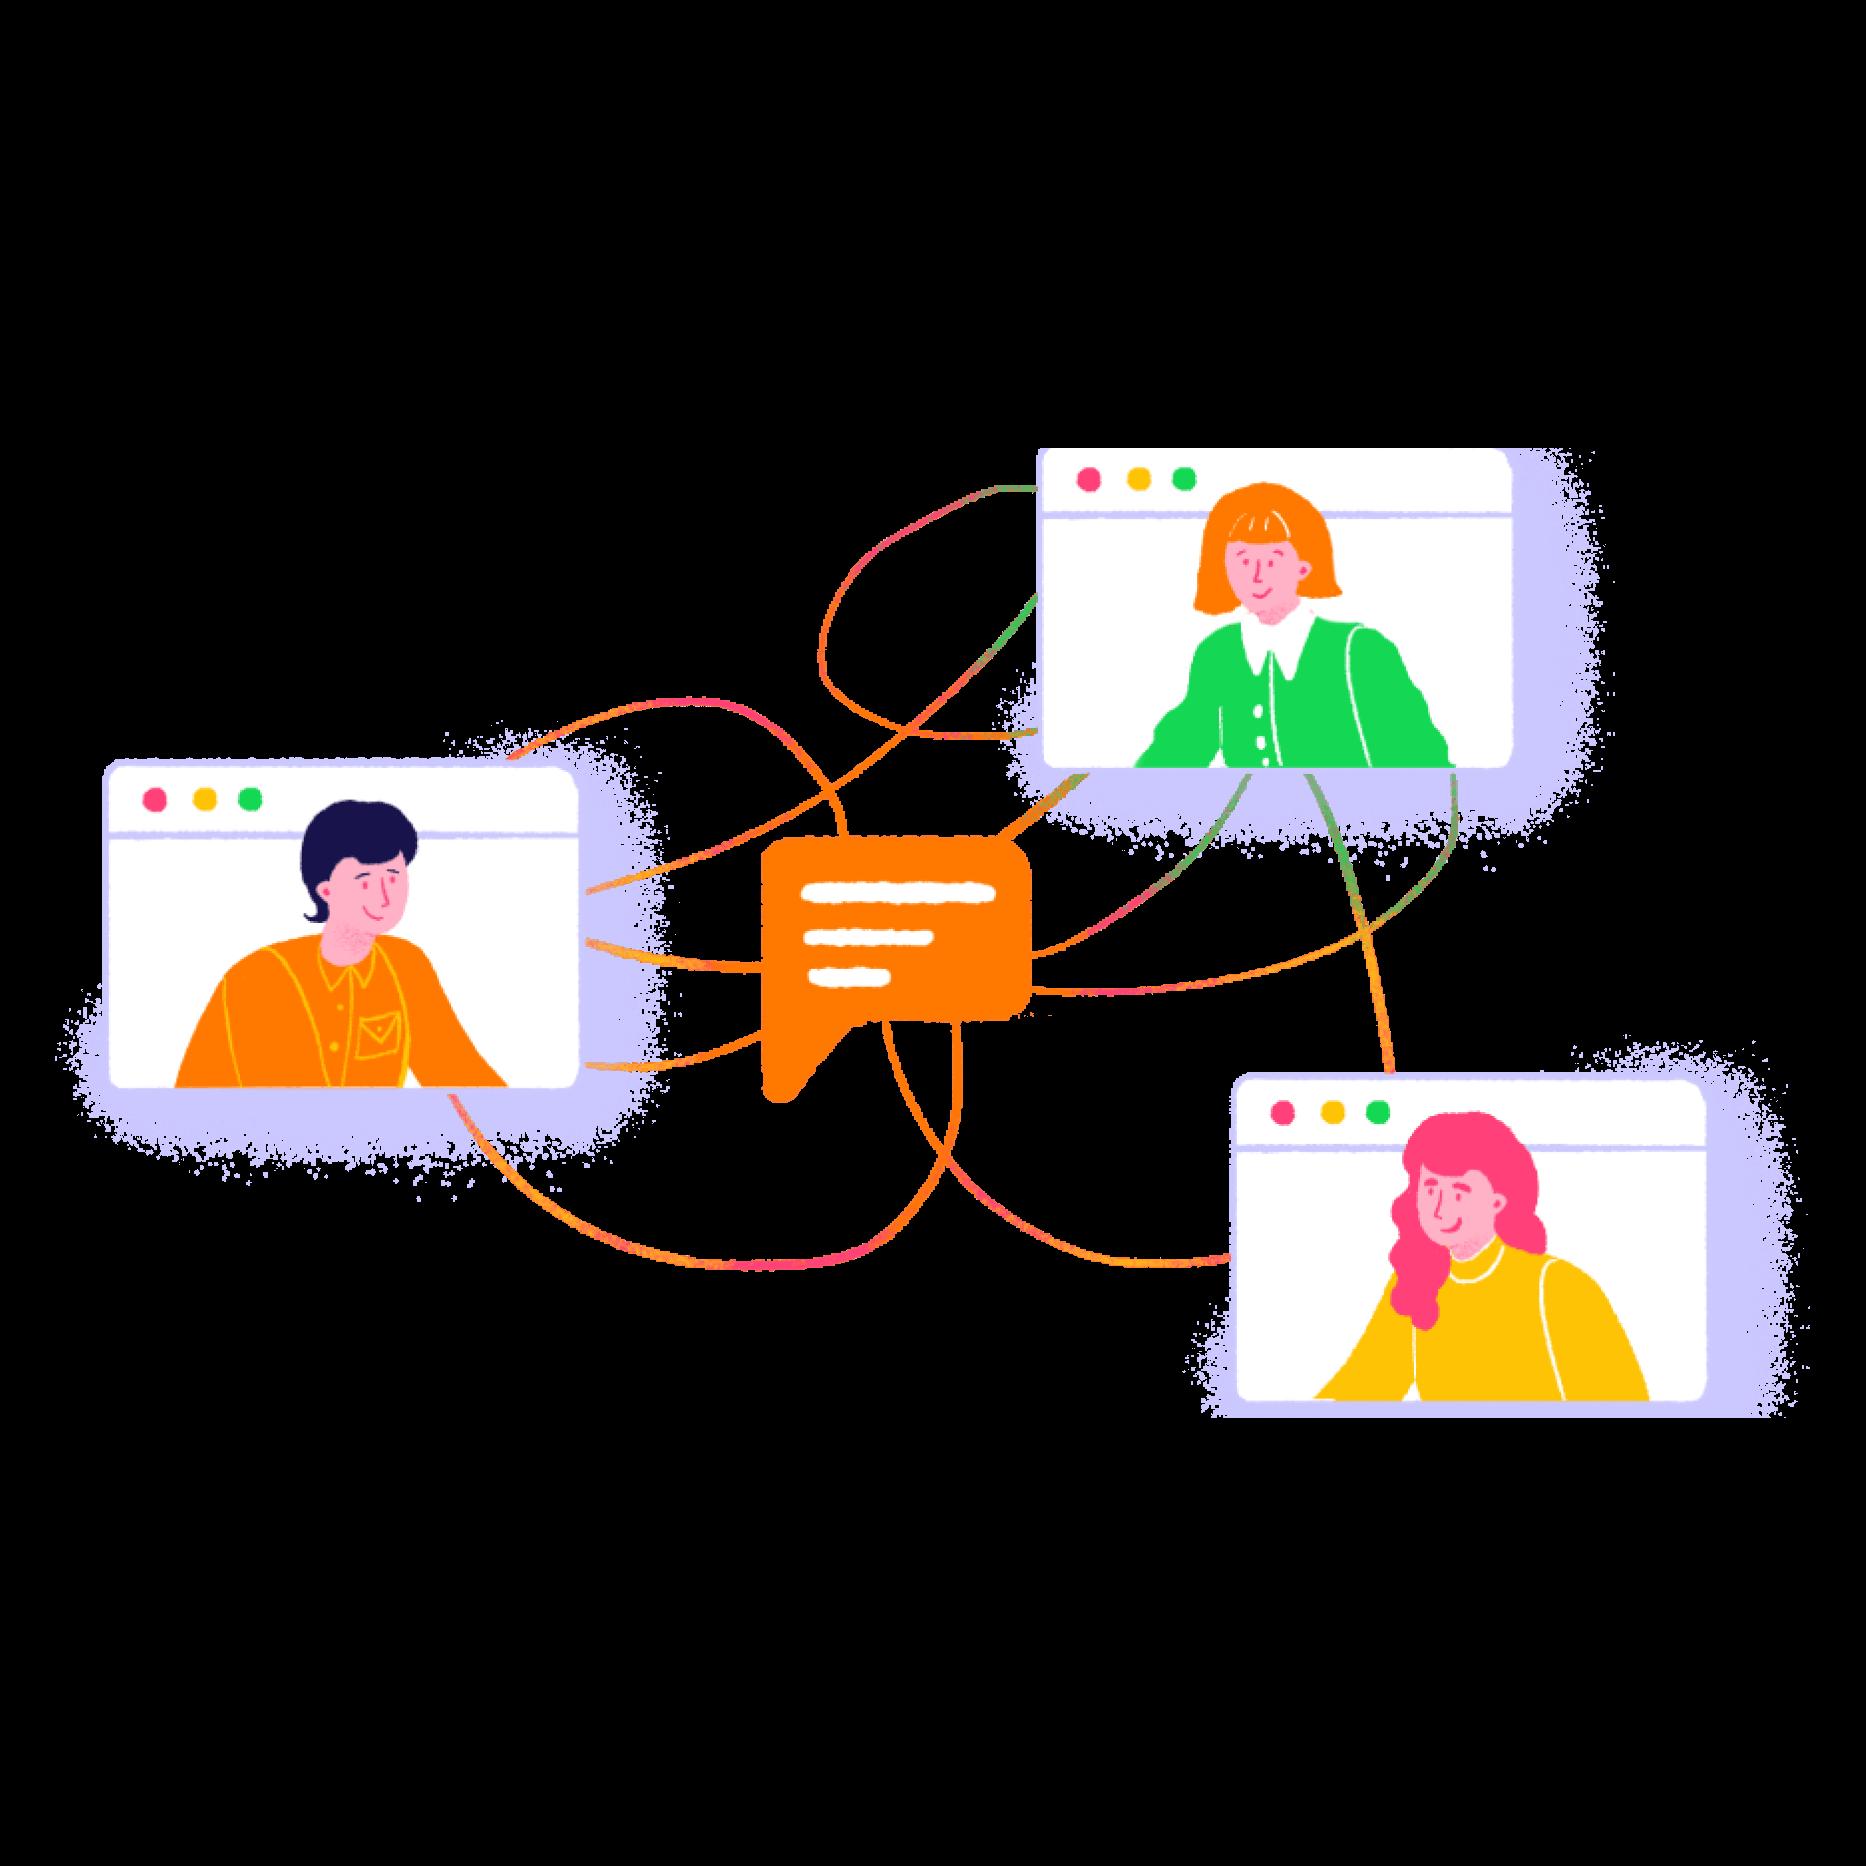 Оптимизация поддержки и общения с пользователями